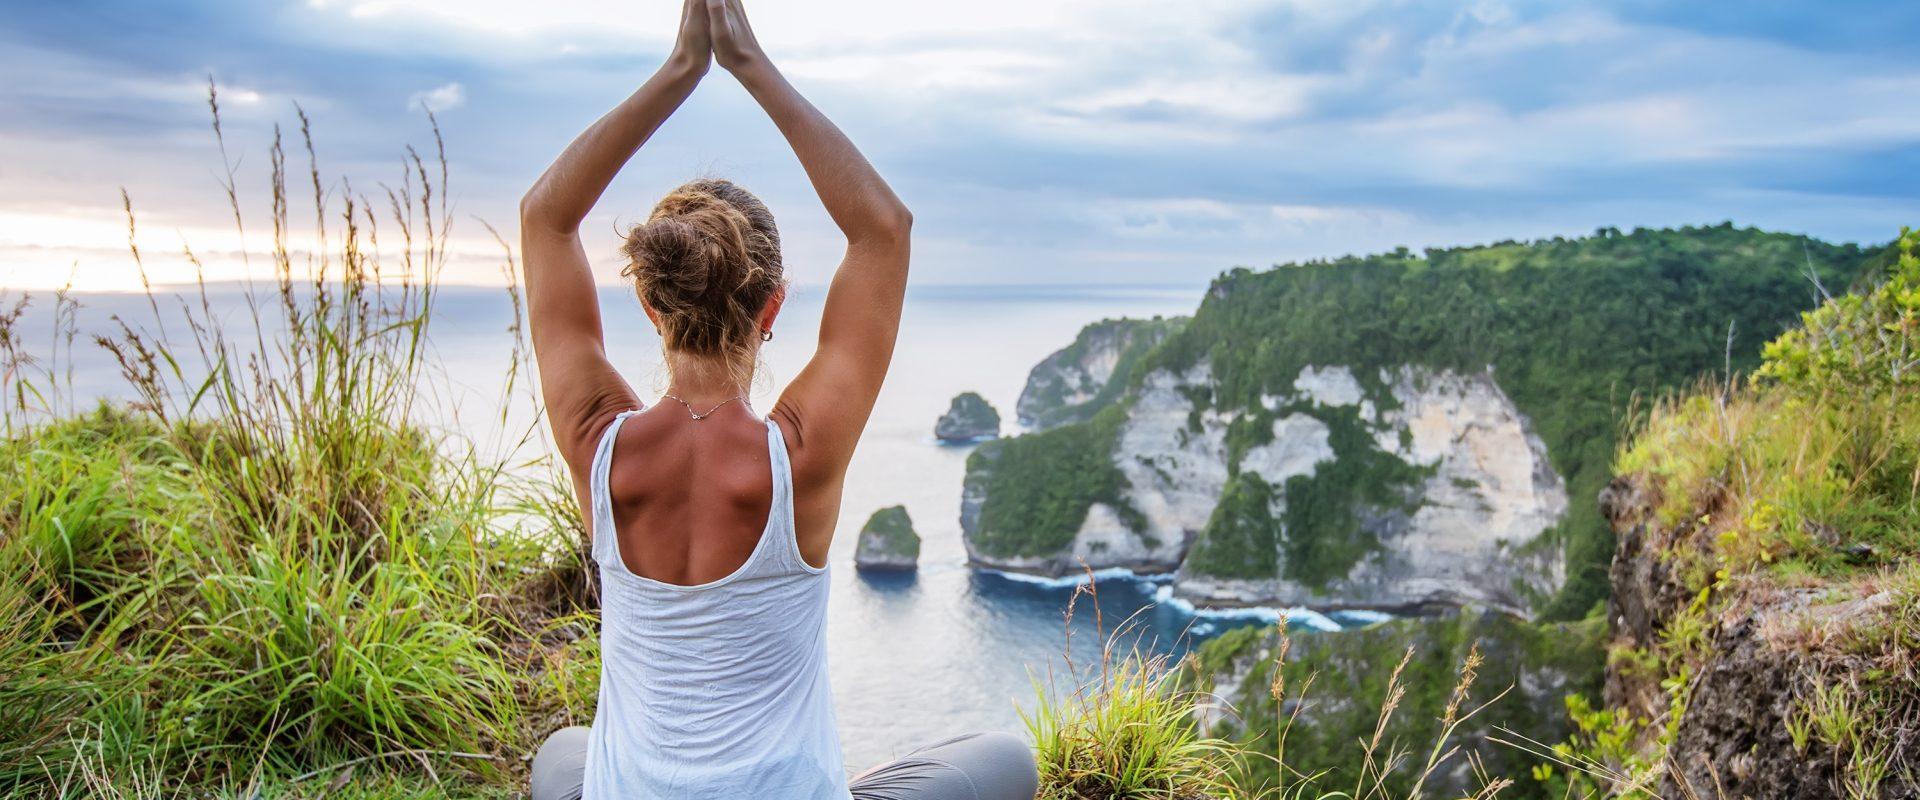 Prawidłowe oddychanie - czemu jest takie ważne?